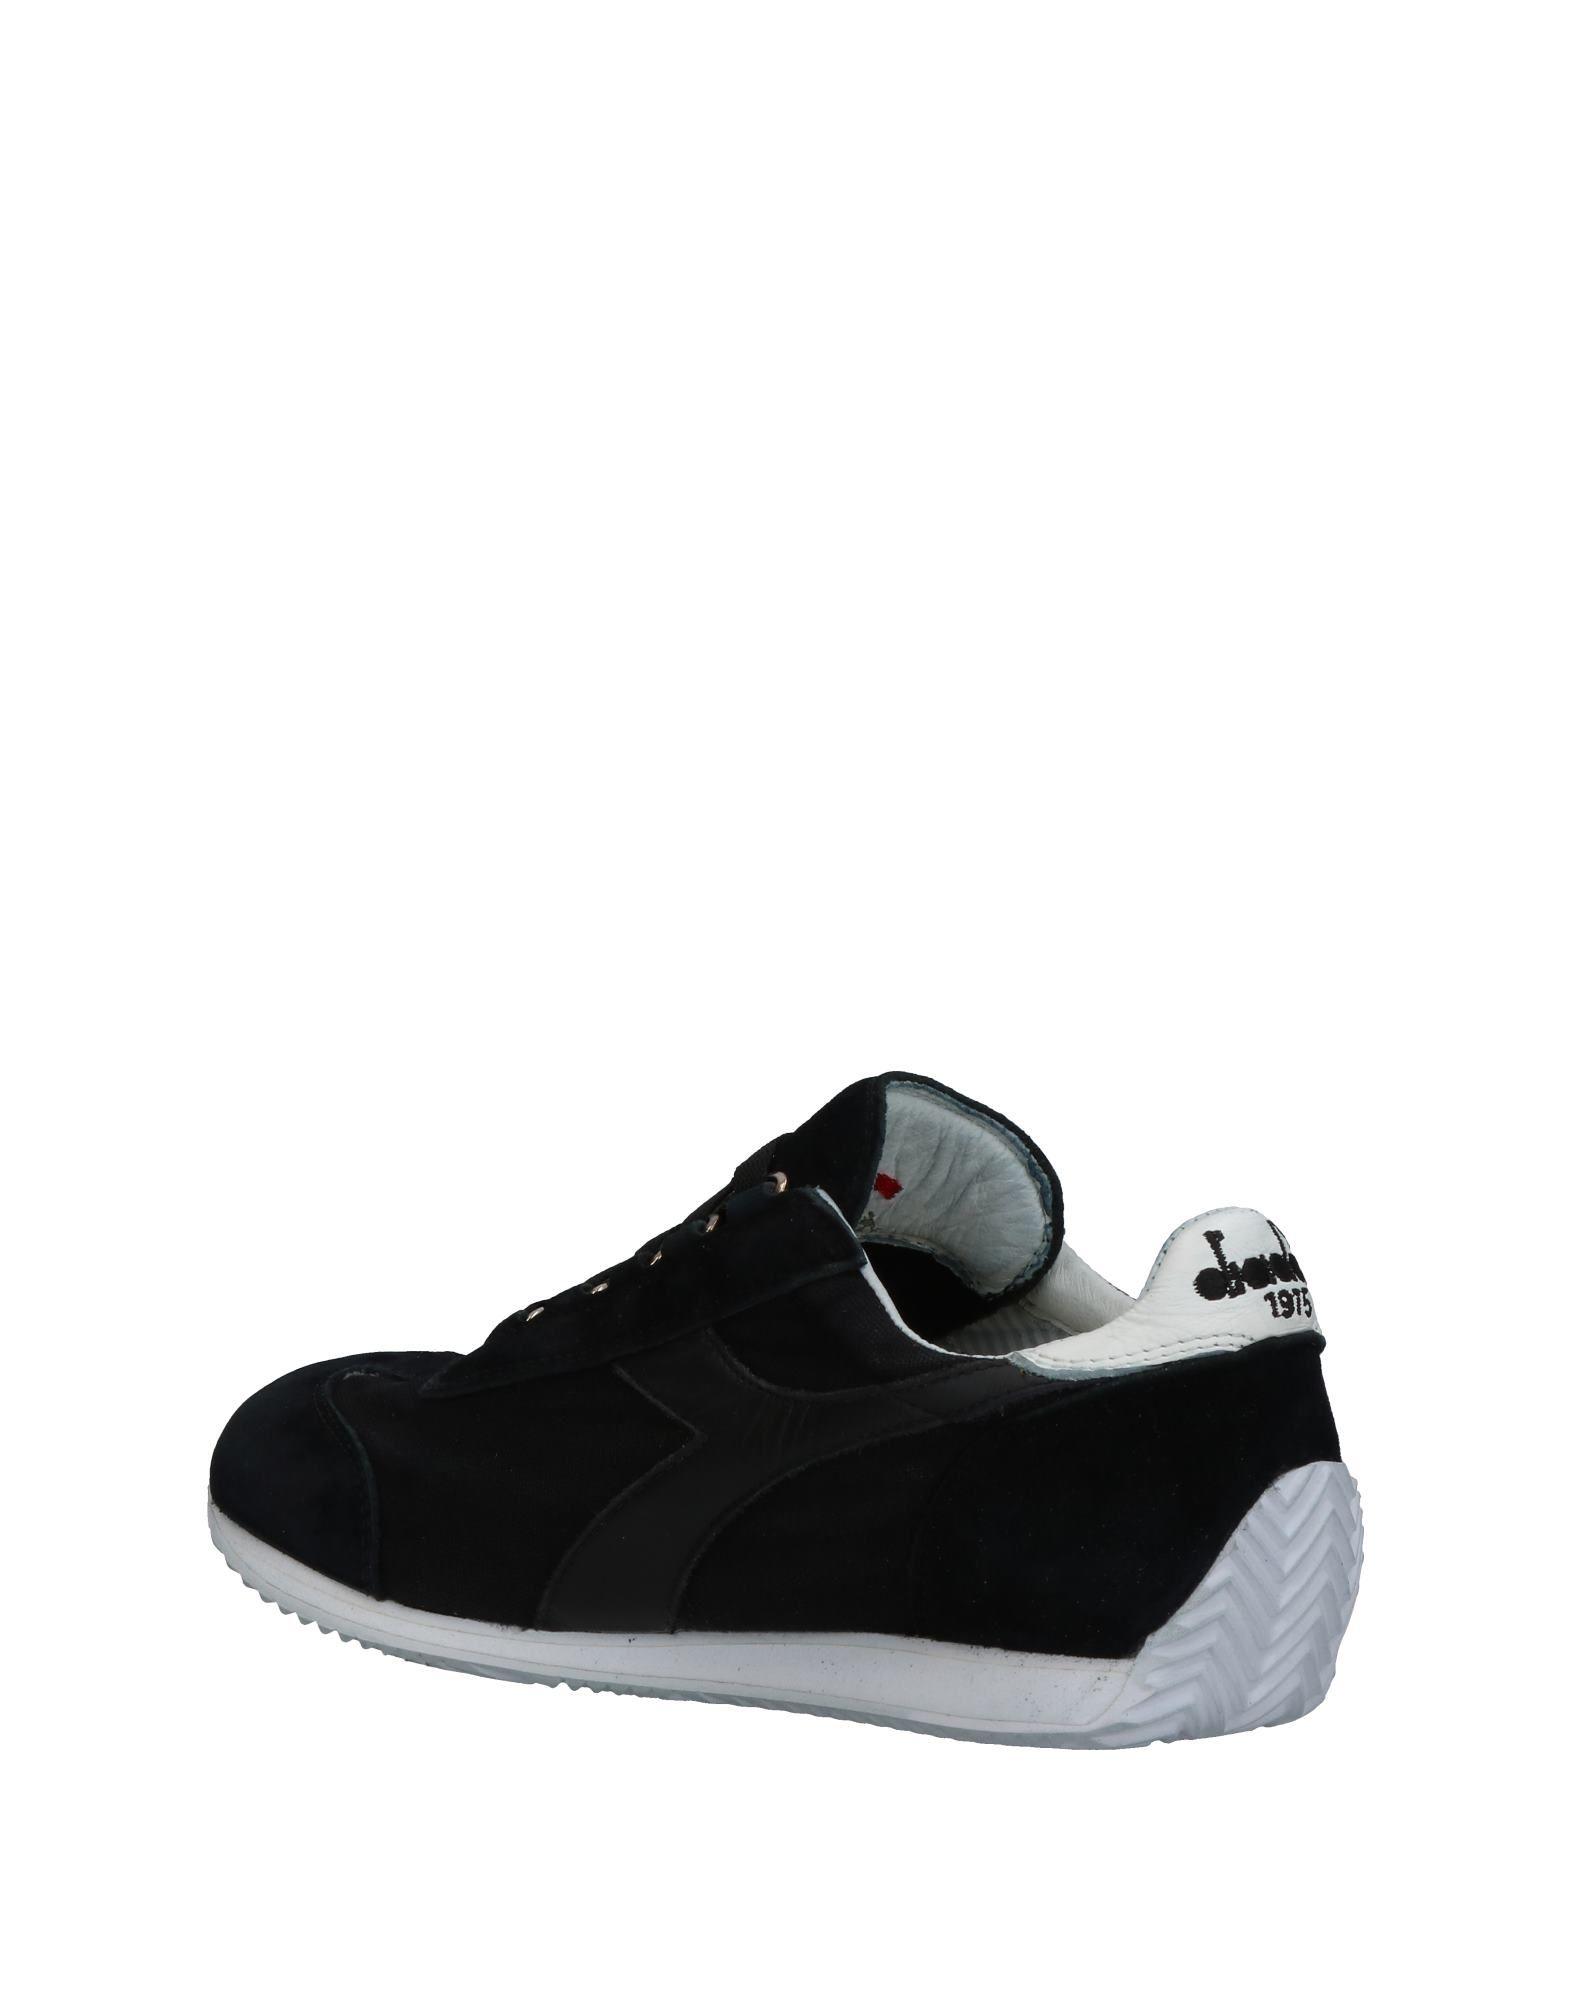 Diadora Diadora Diadora Heritage Sneakers Damen  11347089VT c4cb48